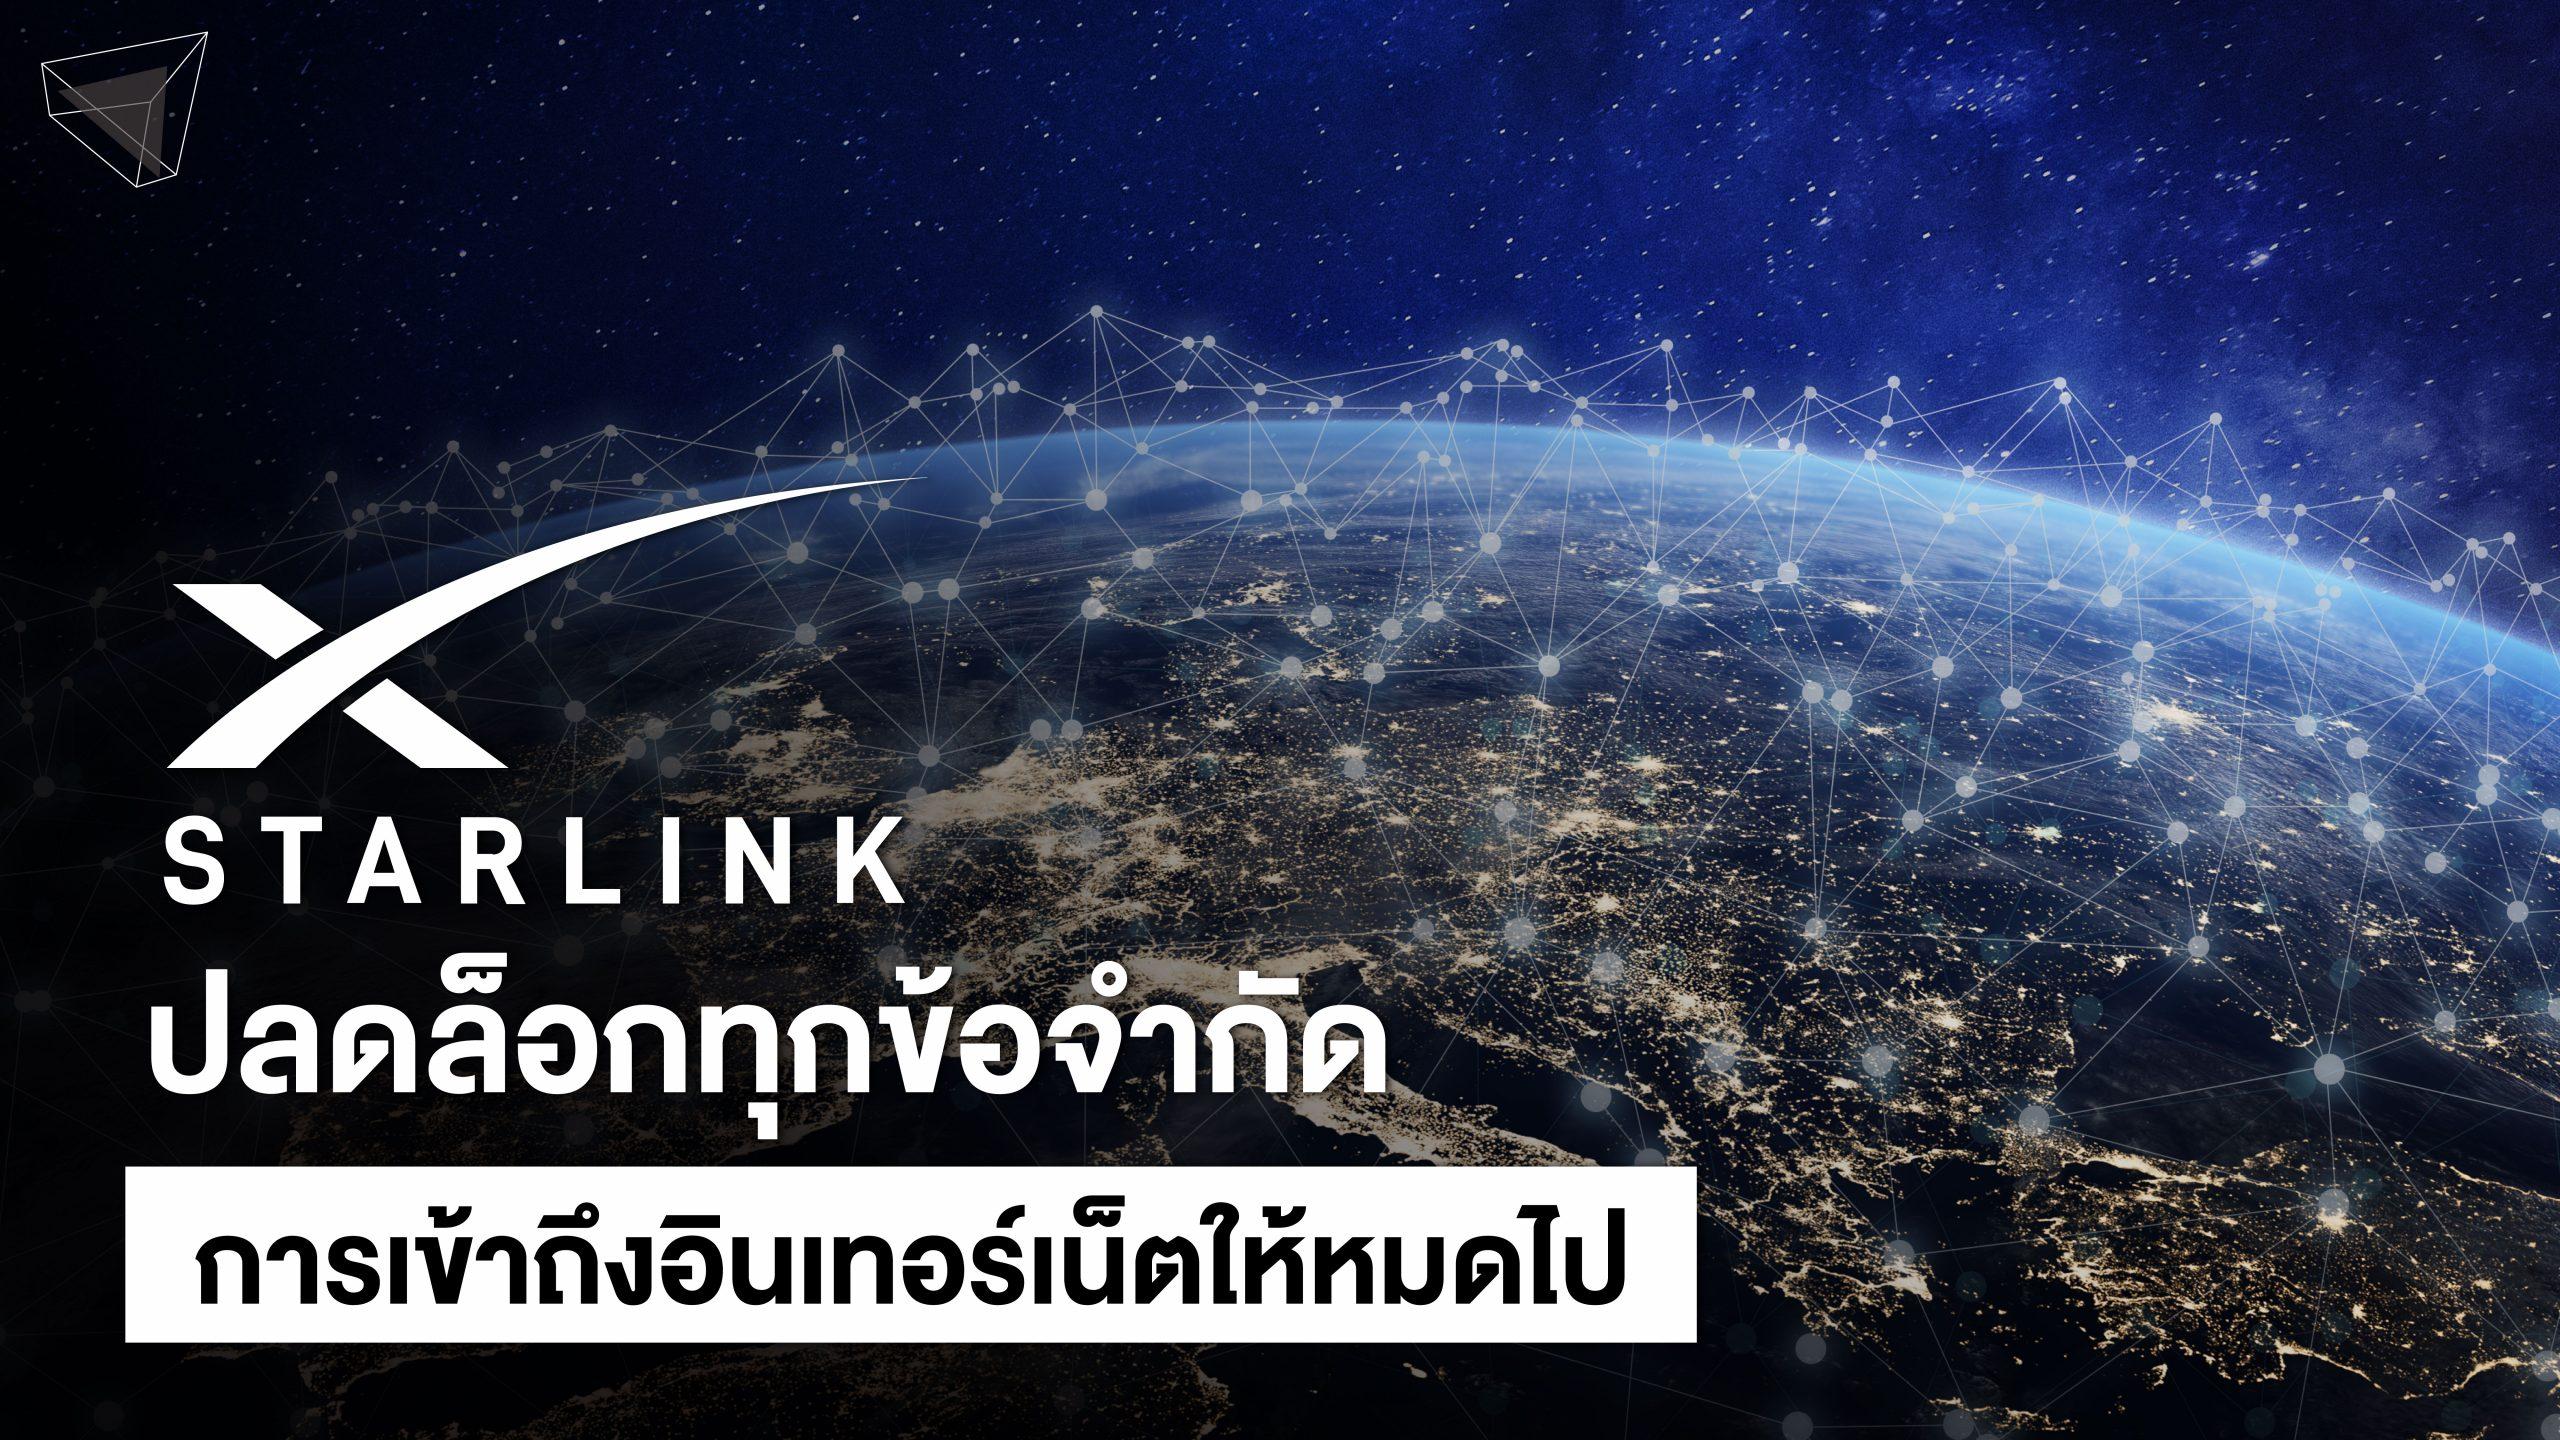 Starlink คืออะไร